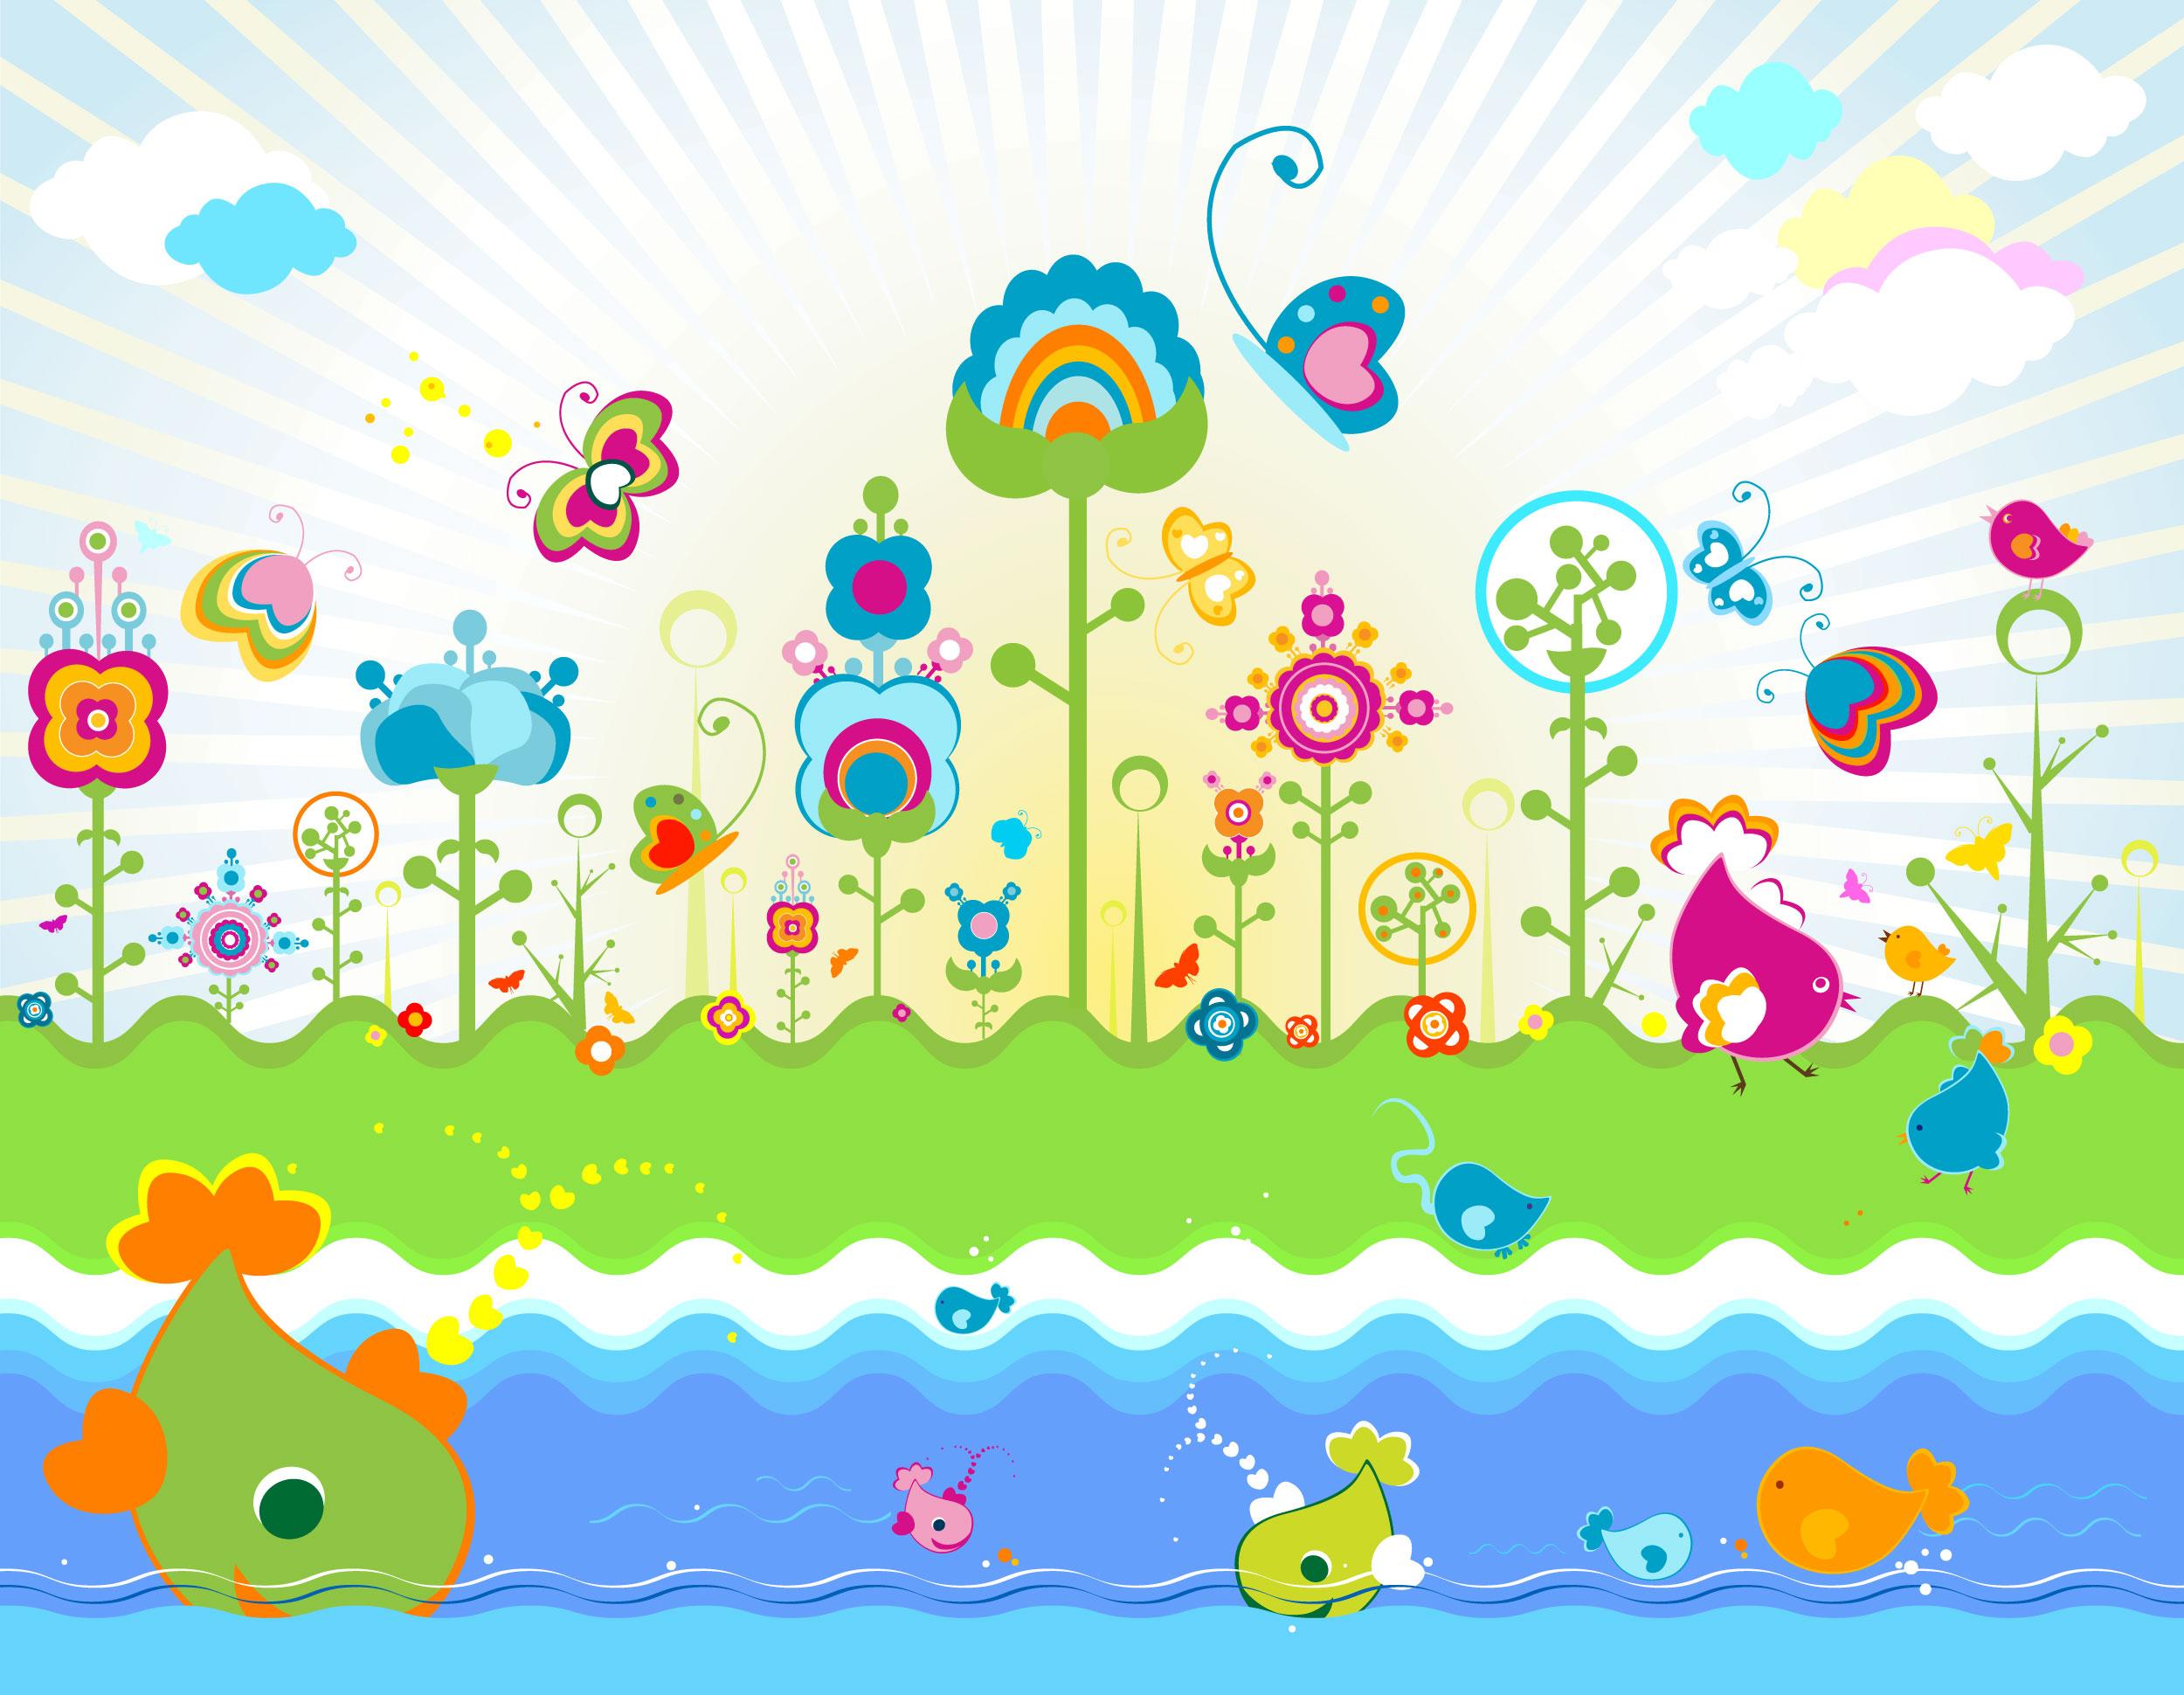 花のイラスト・フリー素材/壁紙・背景No.170『ポップアート・動植物』 | 2500 x 1940 jpeg 552kB